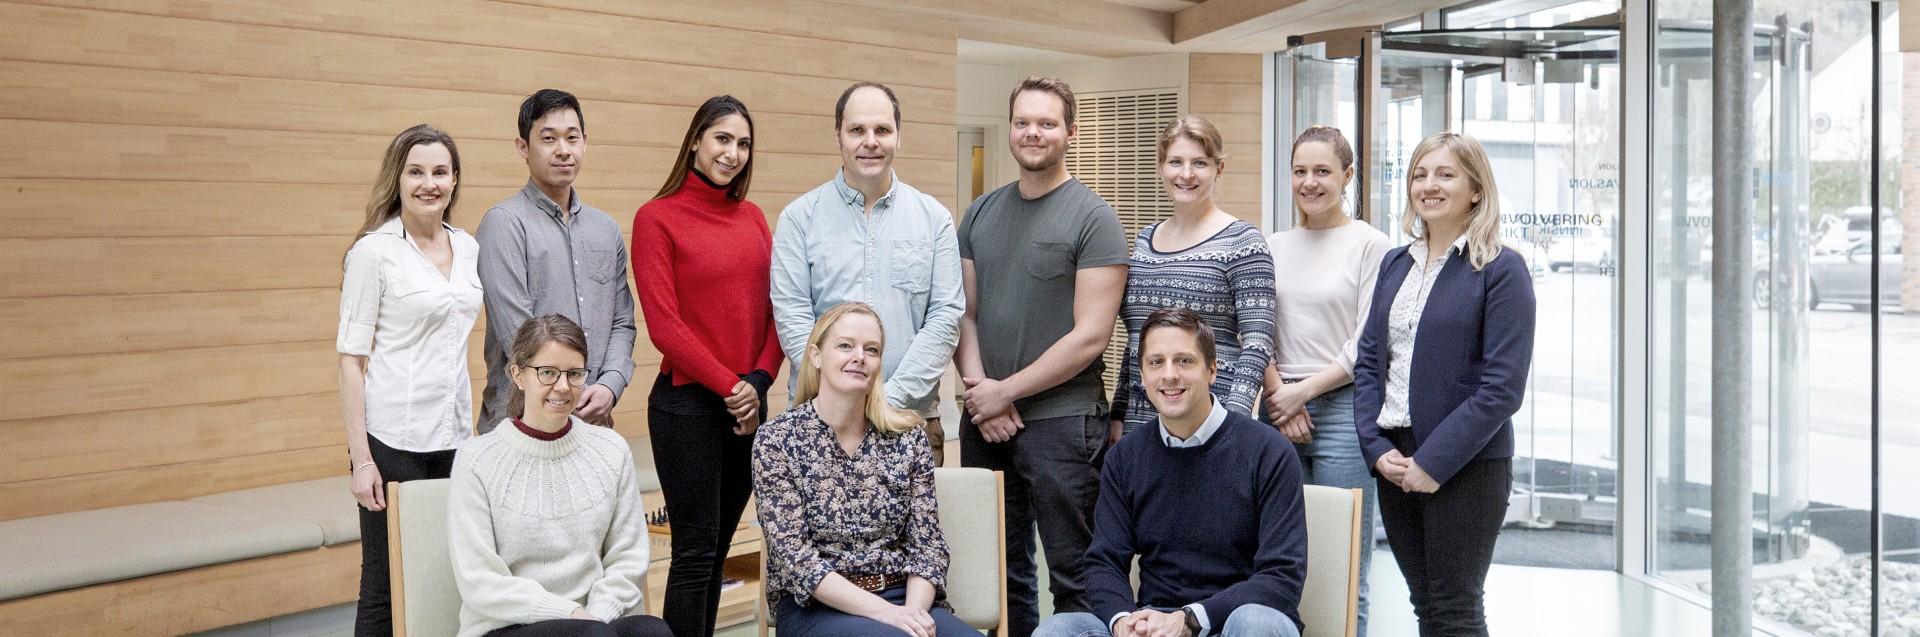 Gruppebilde av ansatte tilknyttet medisinersatsing